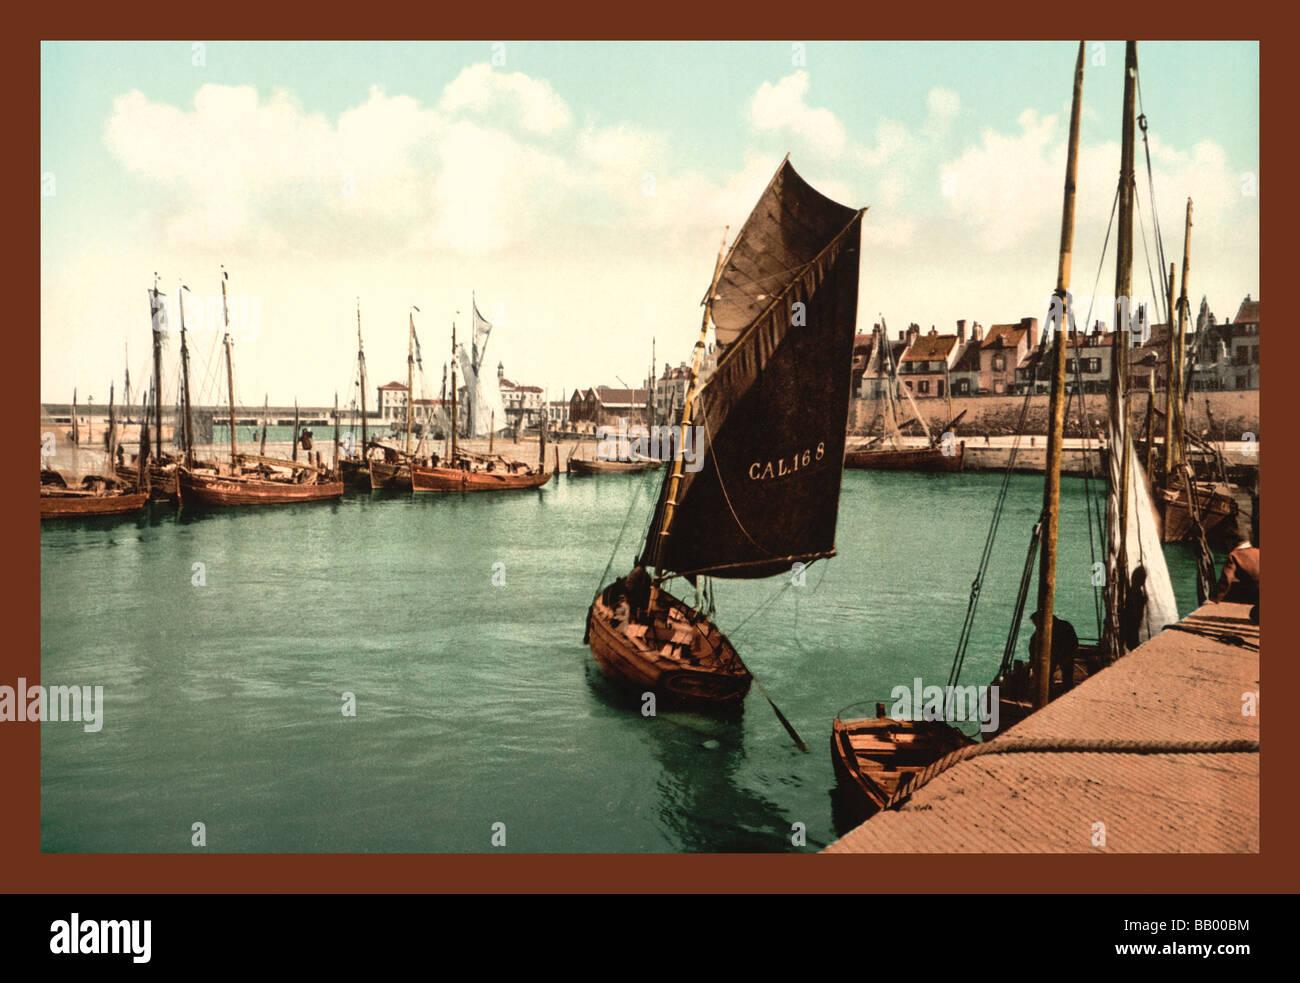 Porto di Calais Immagini Stock